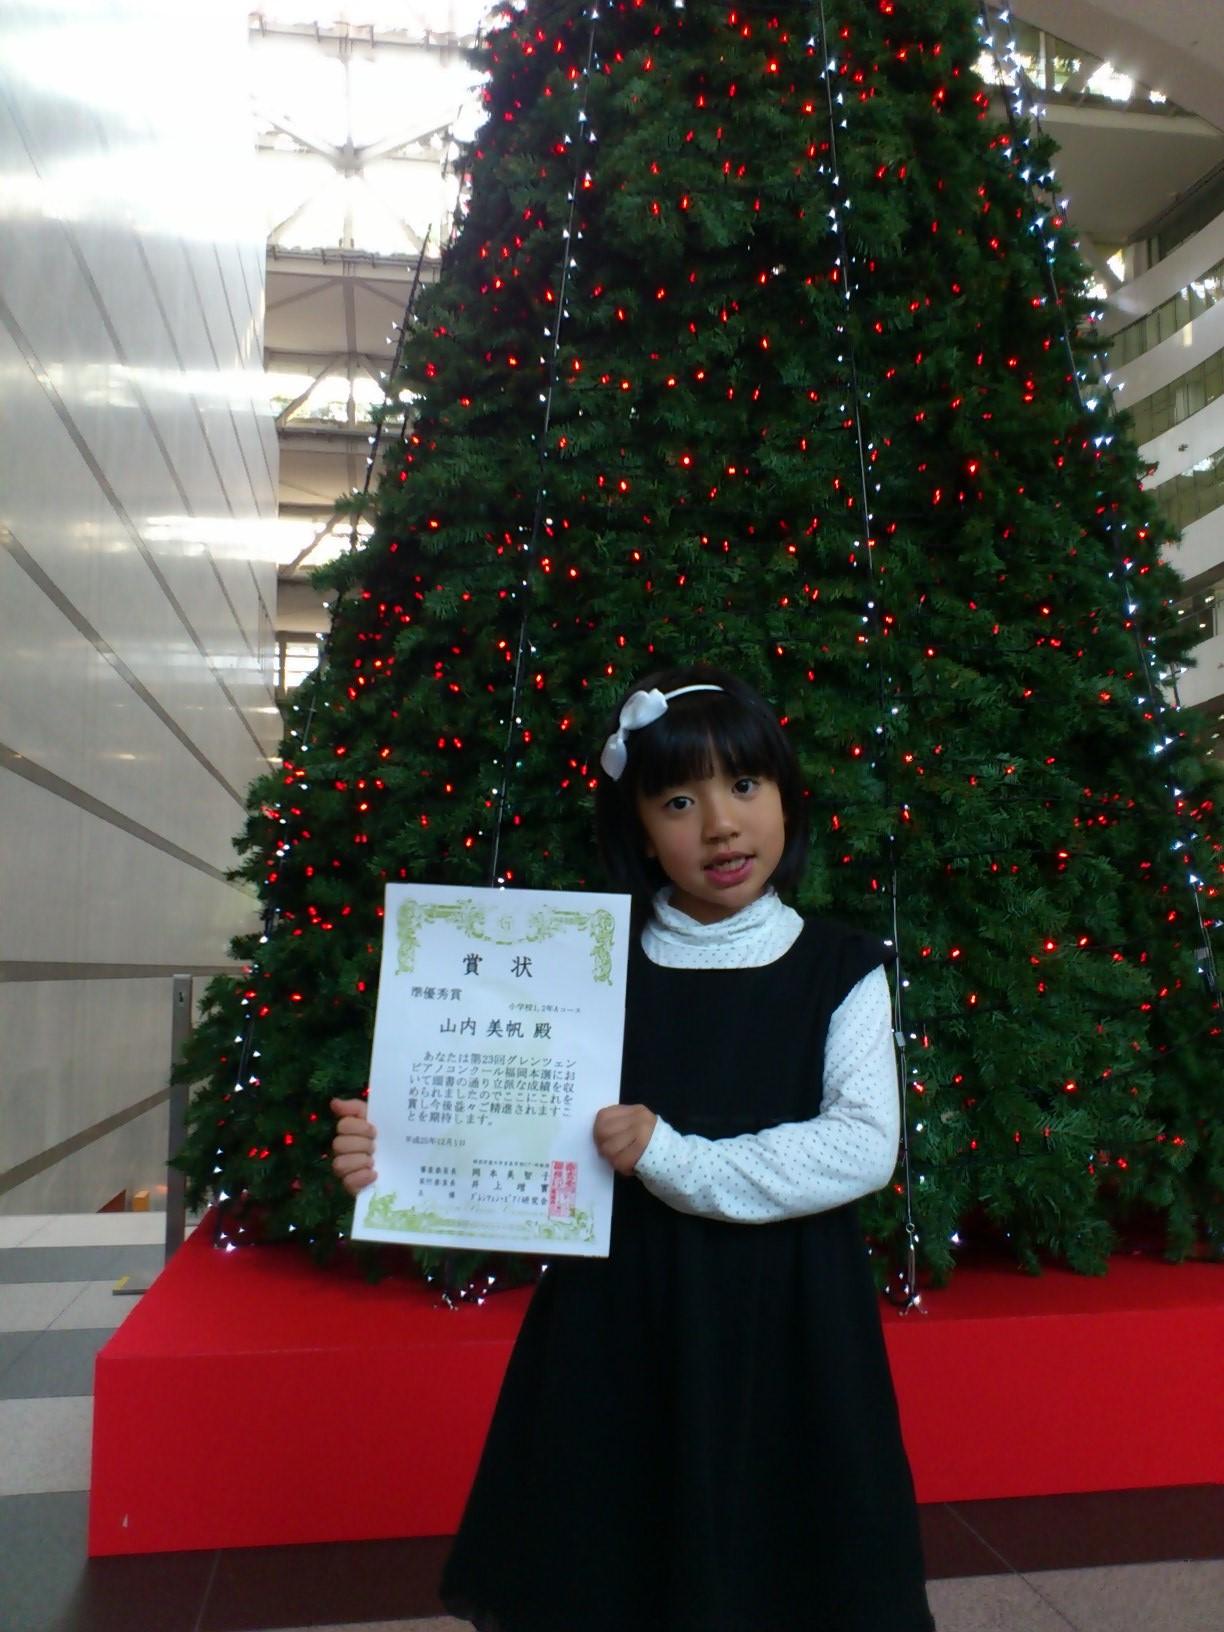 2013年12月1日(日)グレンツェン福岡本選 アクロス福岡